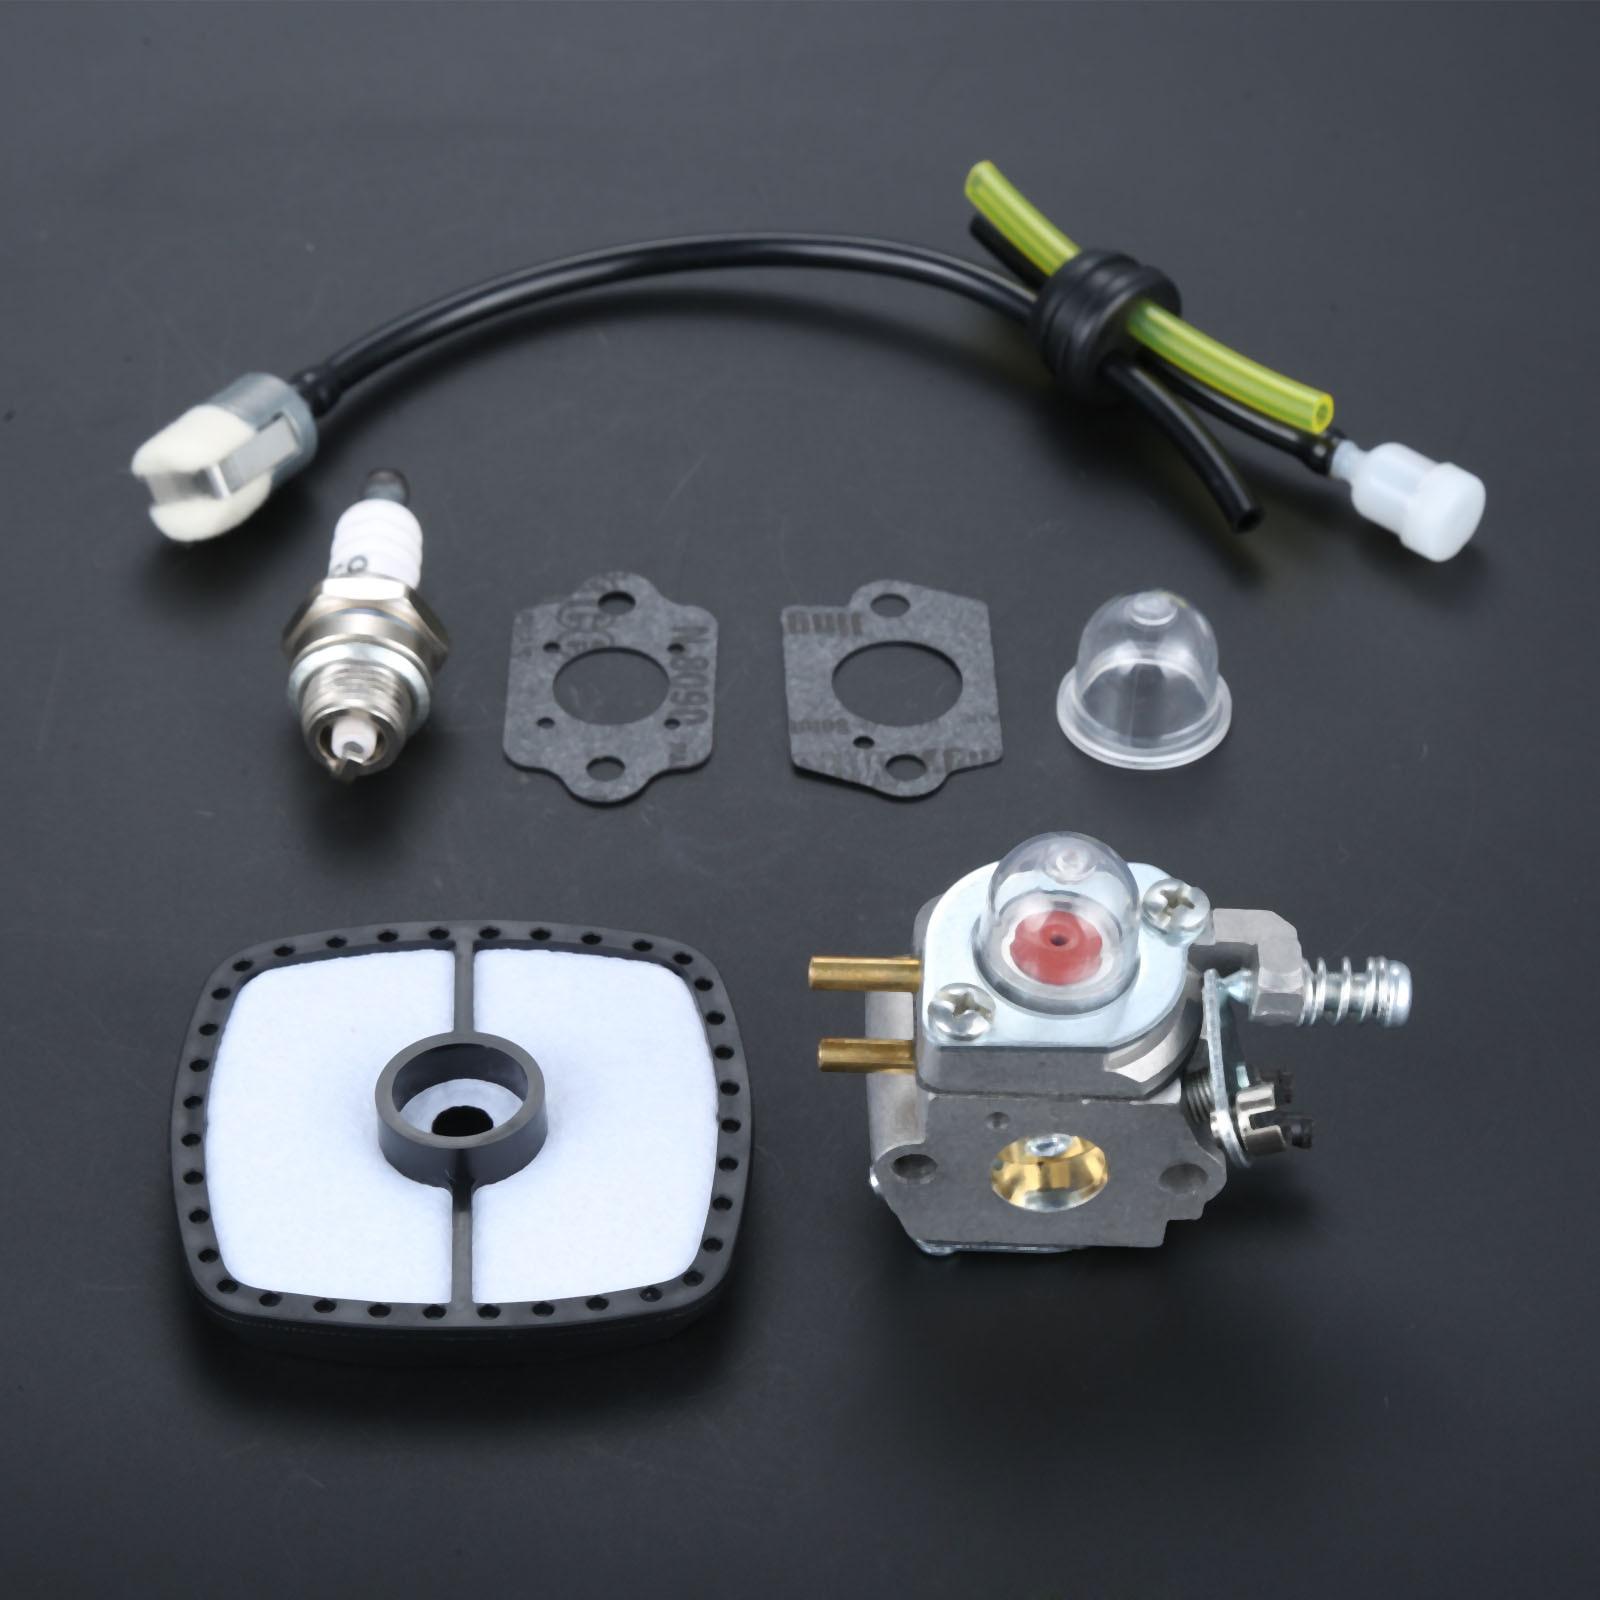 DRELD Carburetor With Gasket FUEL LINE SPARK PLUG FUEL FILTER For ZAMA C1U-K52 C1U-K29 C1U-K47 Echo PE-2000 PE-2400 Trimmer Carb